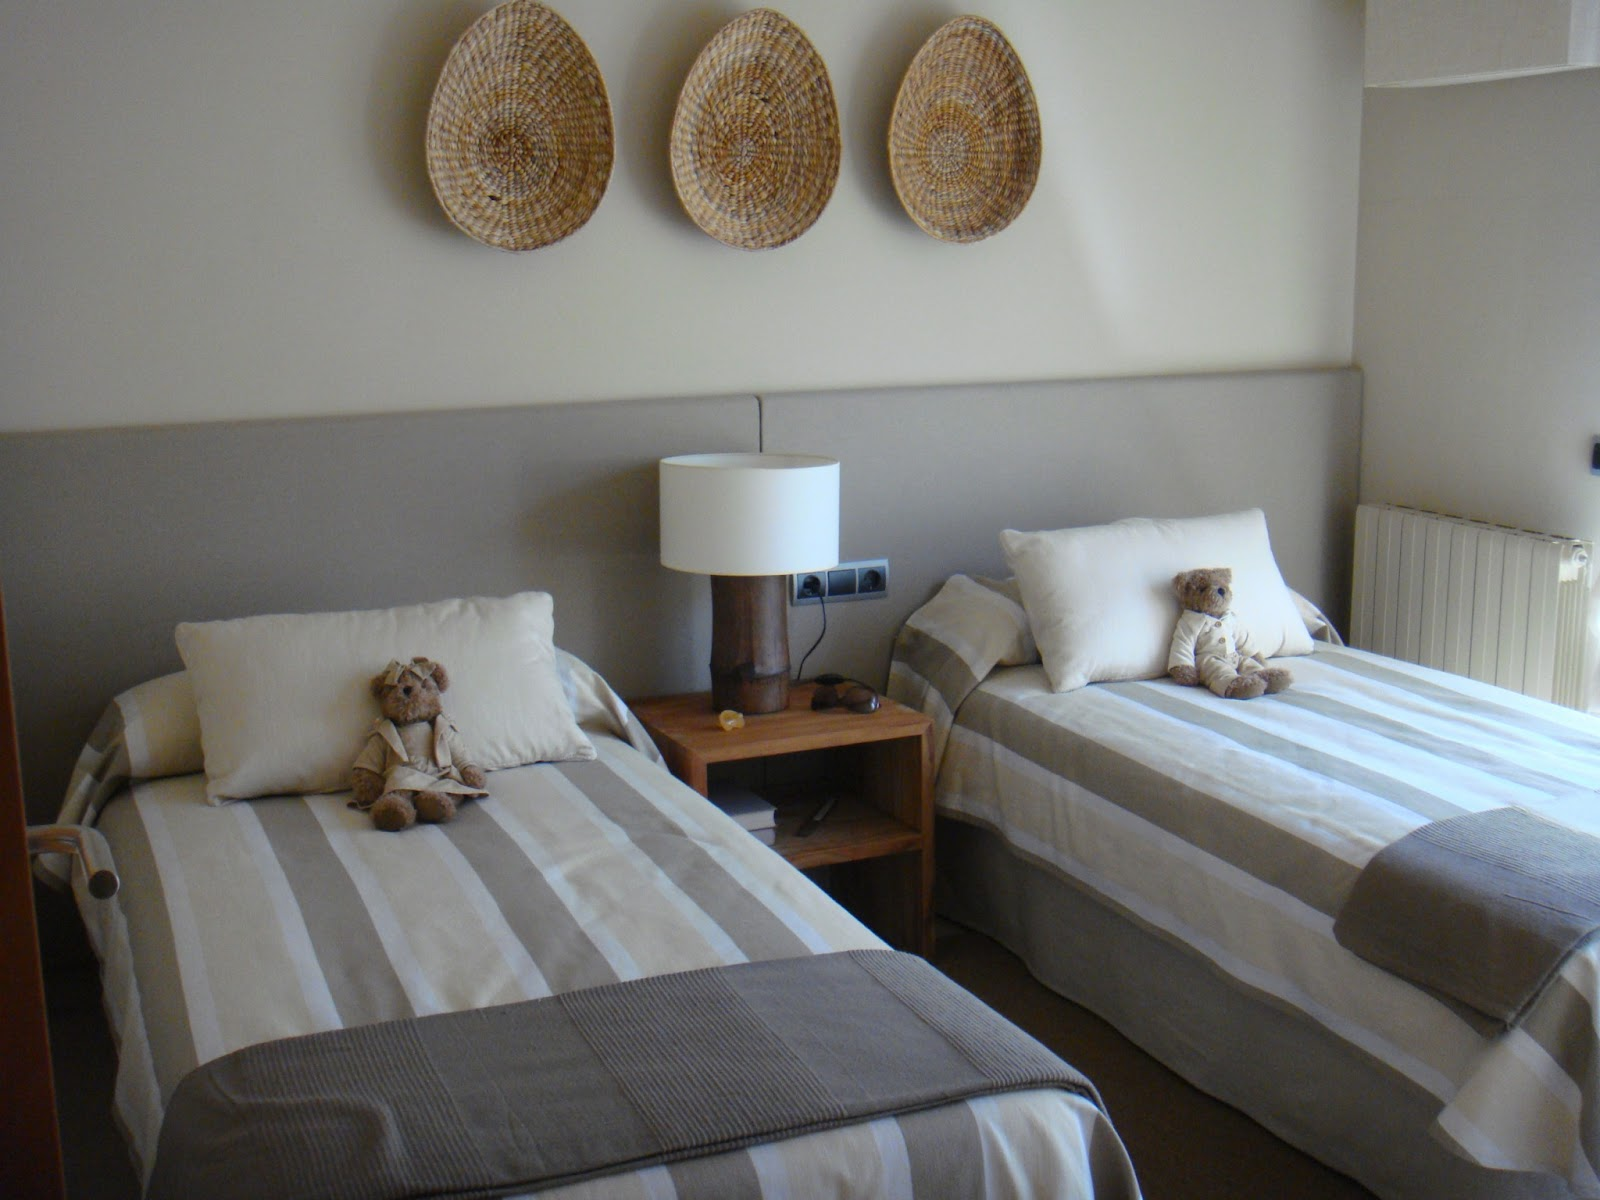 Con lim n y sal una habitacion para dos - Habitaciones de dos camas ...